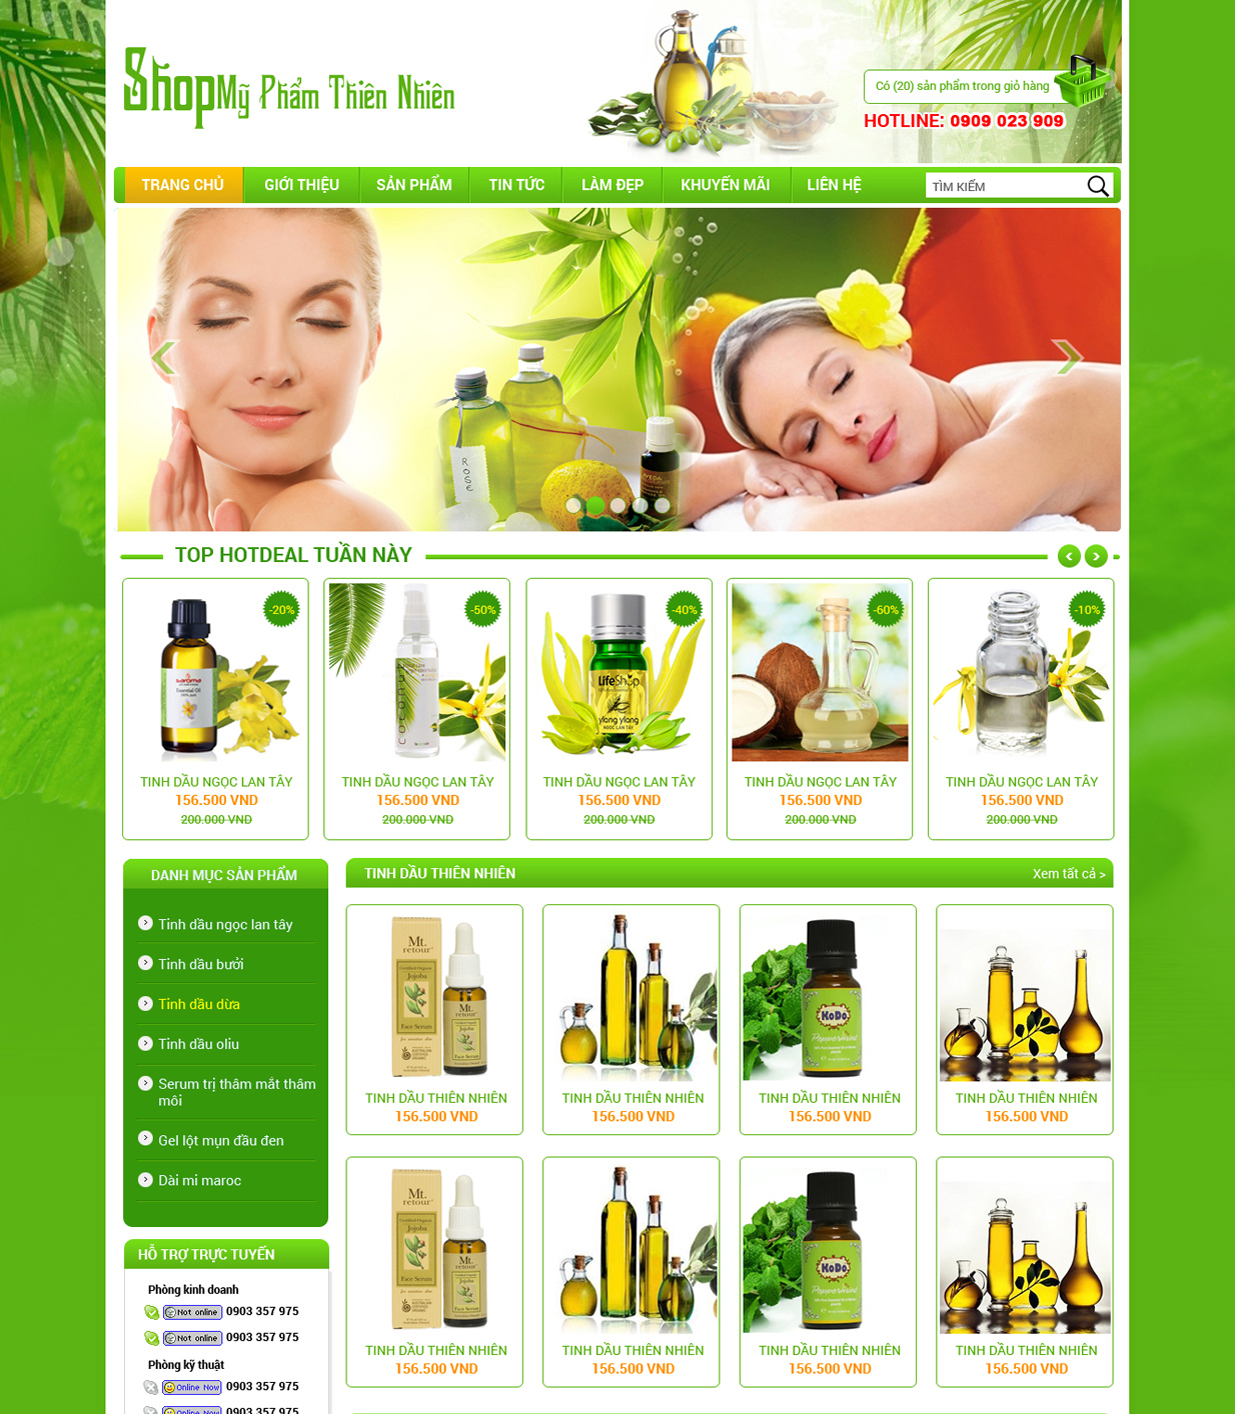 website bán hàng28